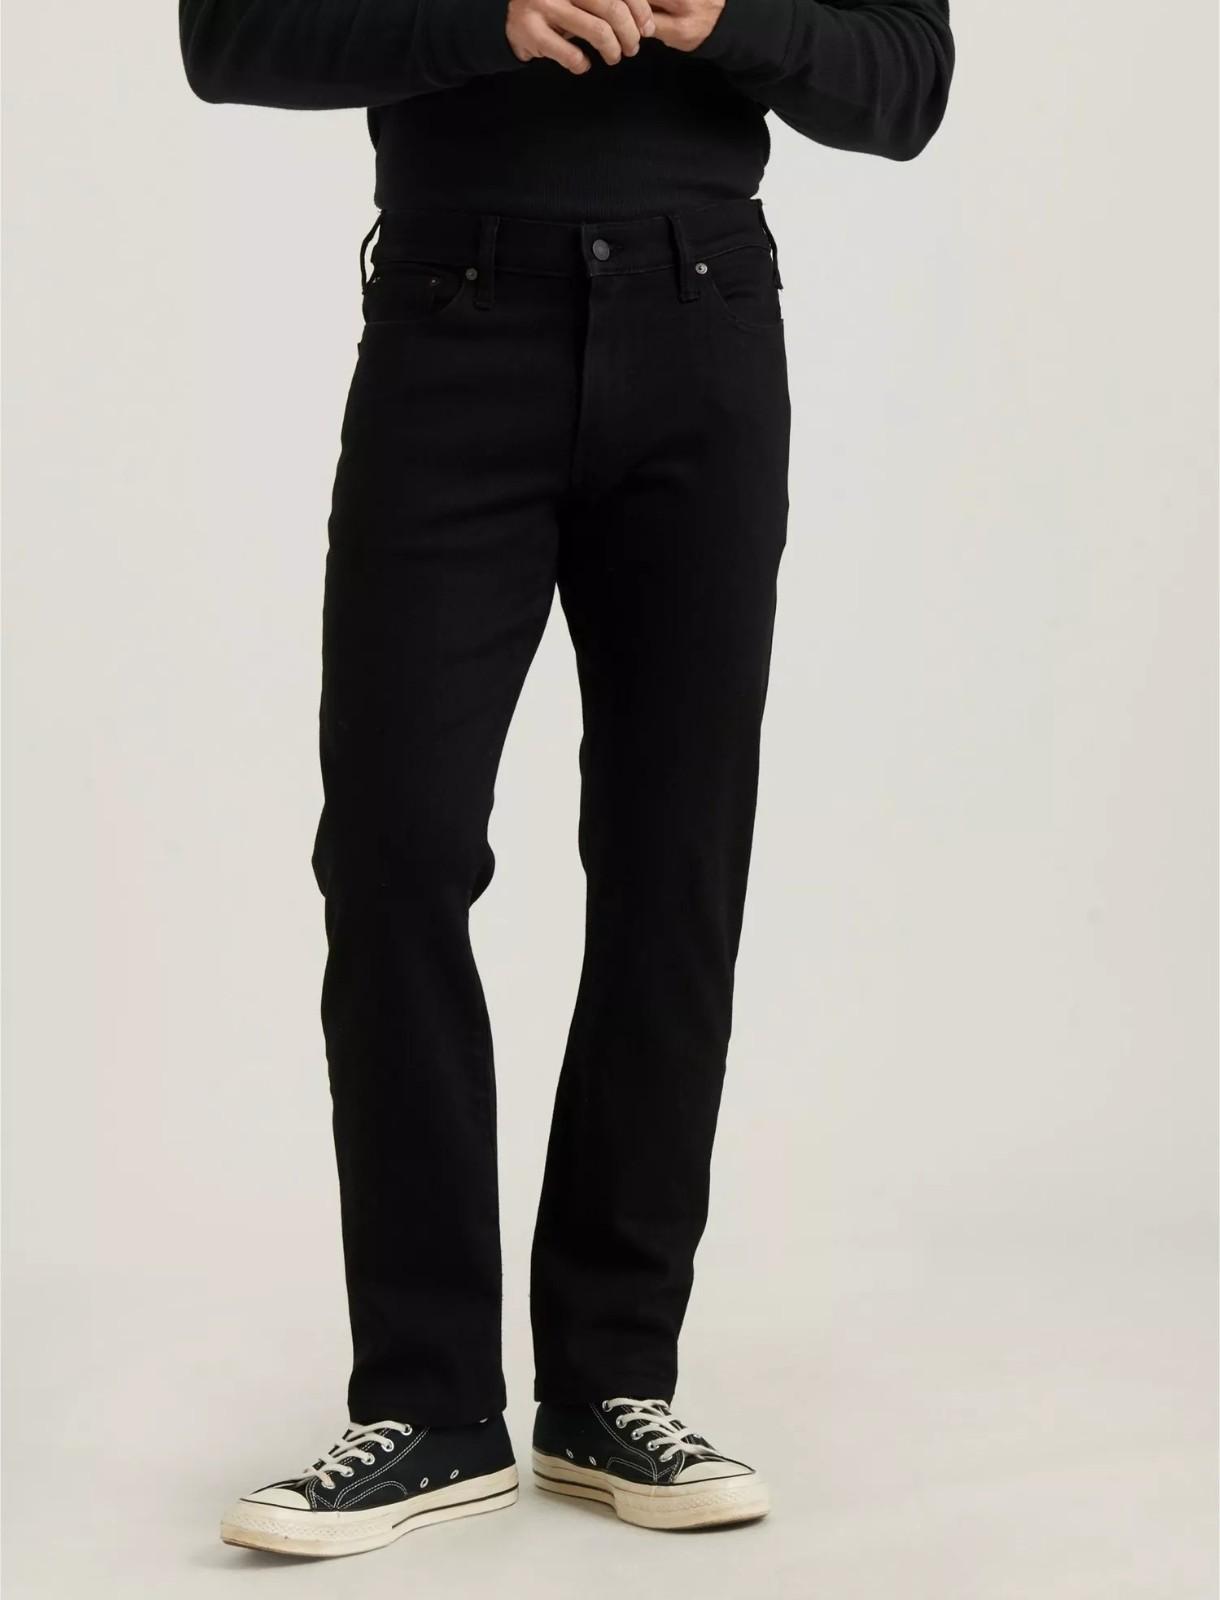 男士363 Vintage牛仔裤